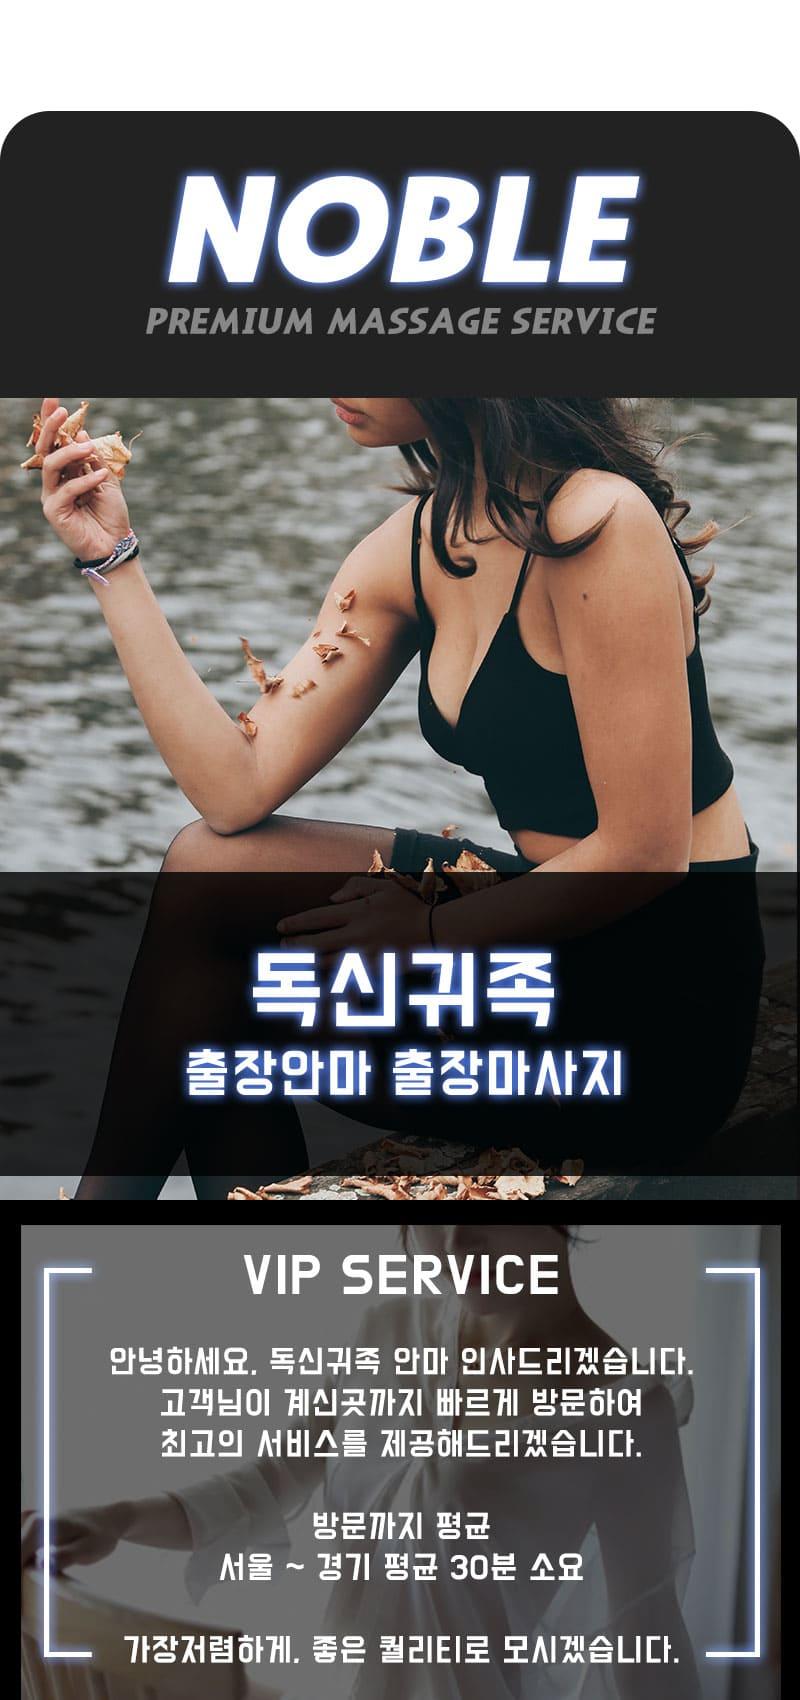 풍덕천출장안마 소개